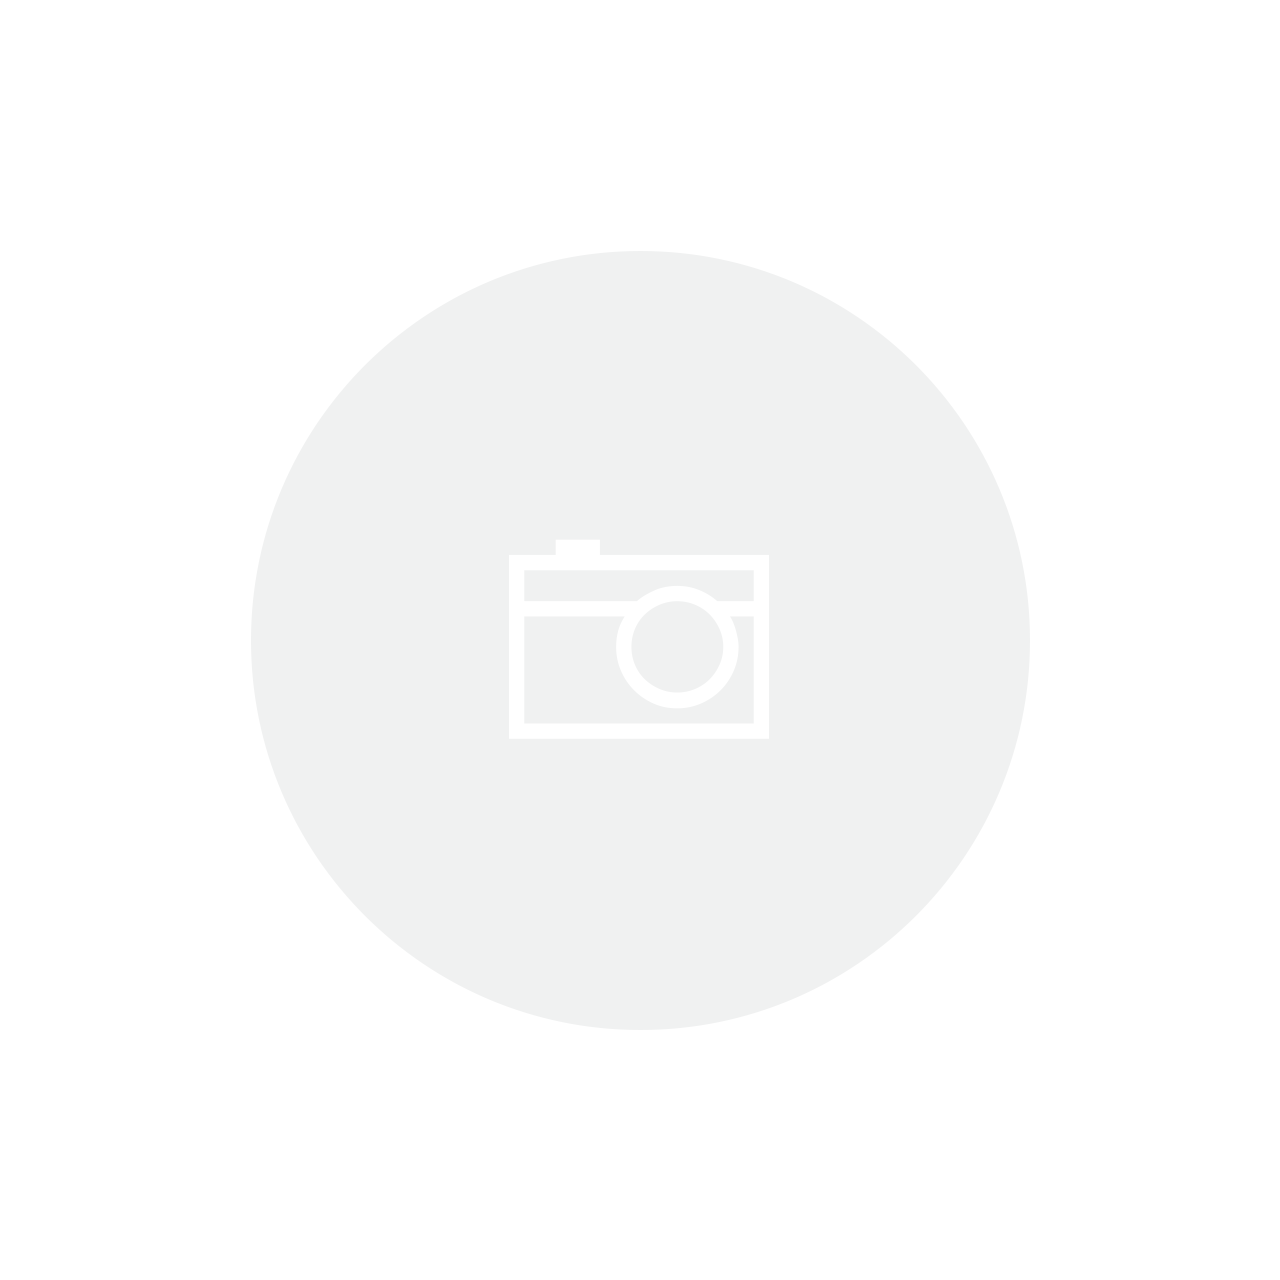 Caçarola Rasa Inox 22Cm 3,30 Litros Allegra Tramontina